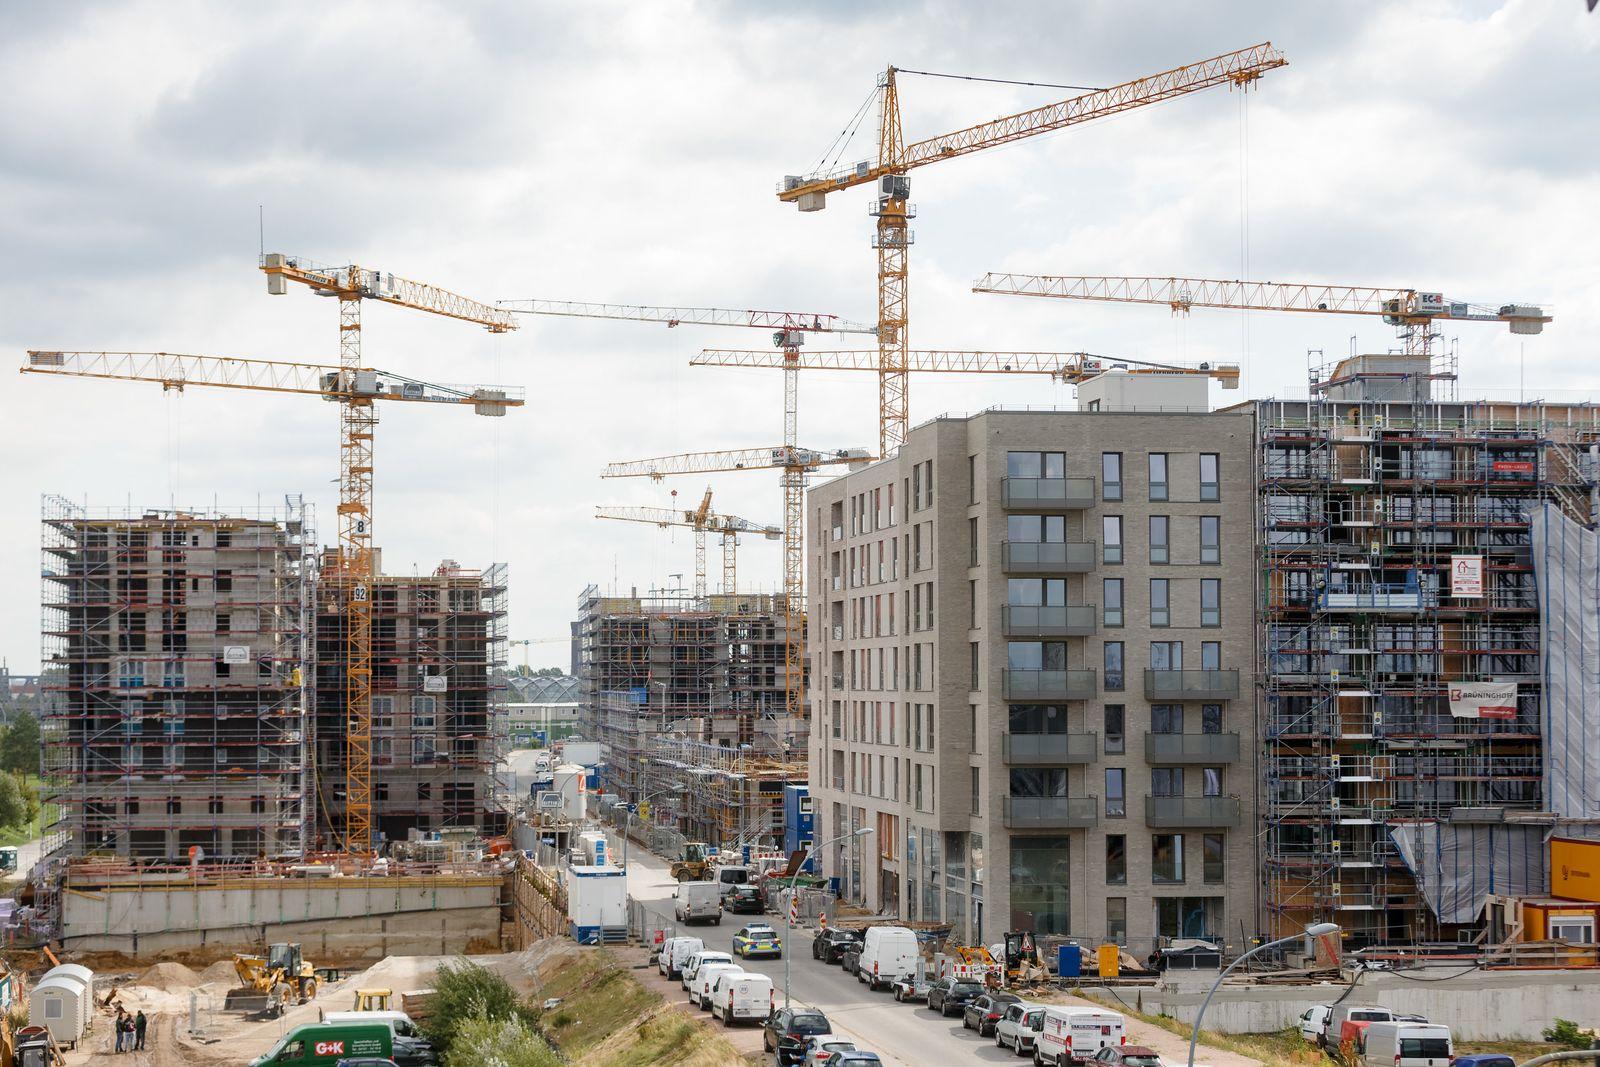 Neubaugebiet Baakenhafen